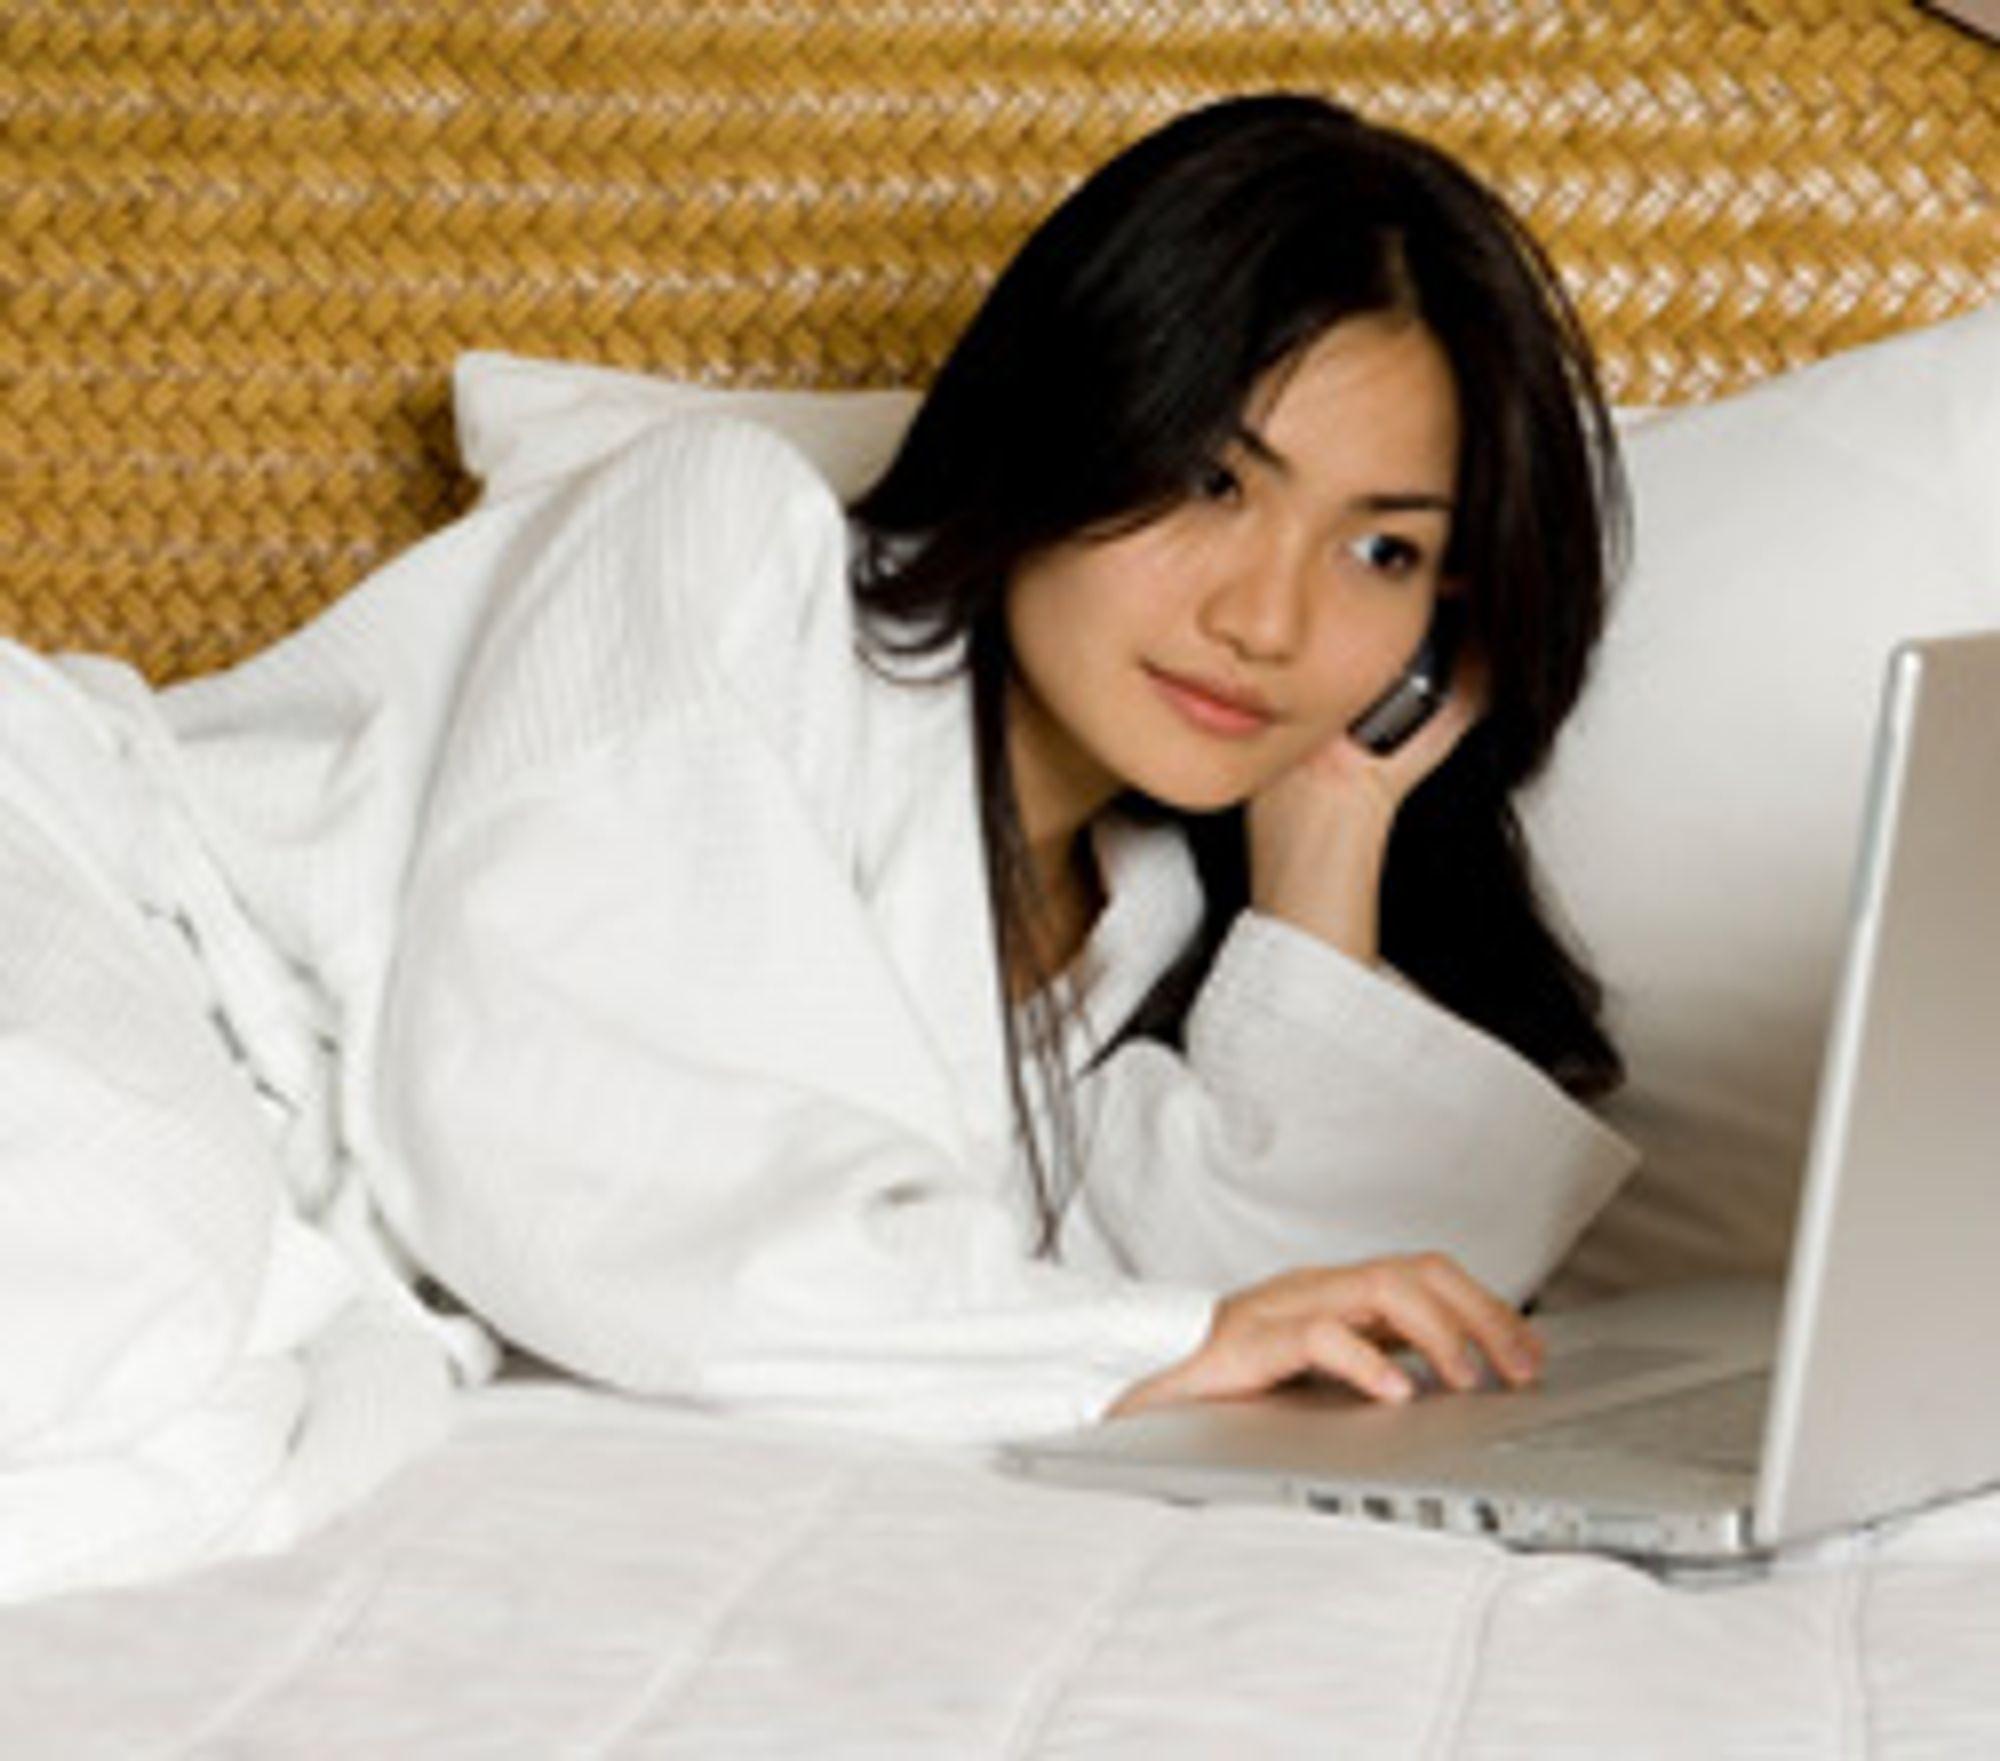 IP-telefoni fjerner en av hotellenes inntektskilder. (Foto: Istockphoto/Phil Date)